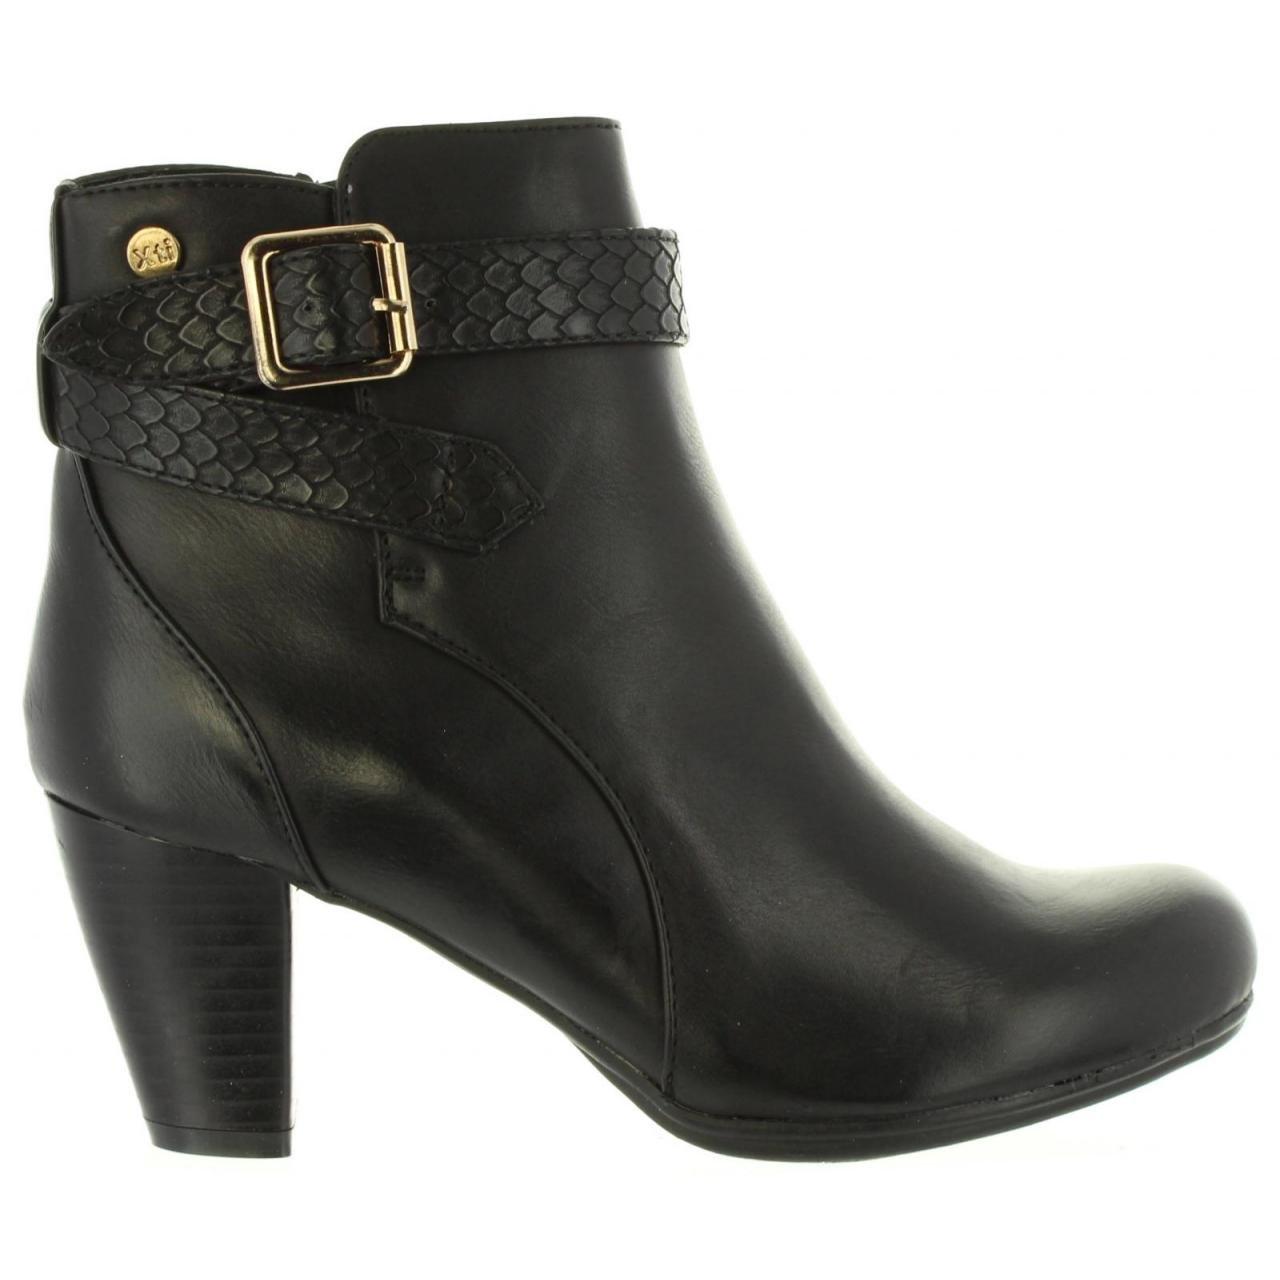 XTI Stiefel für Damen 47327 C schwarz